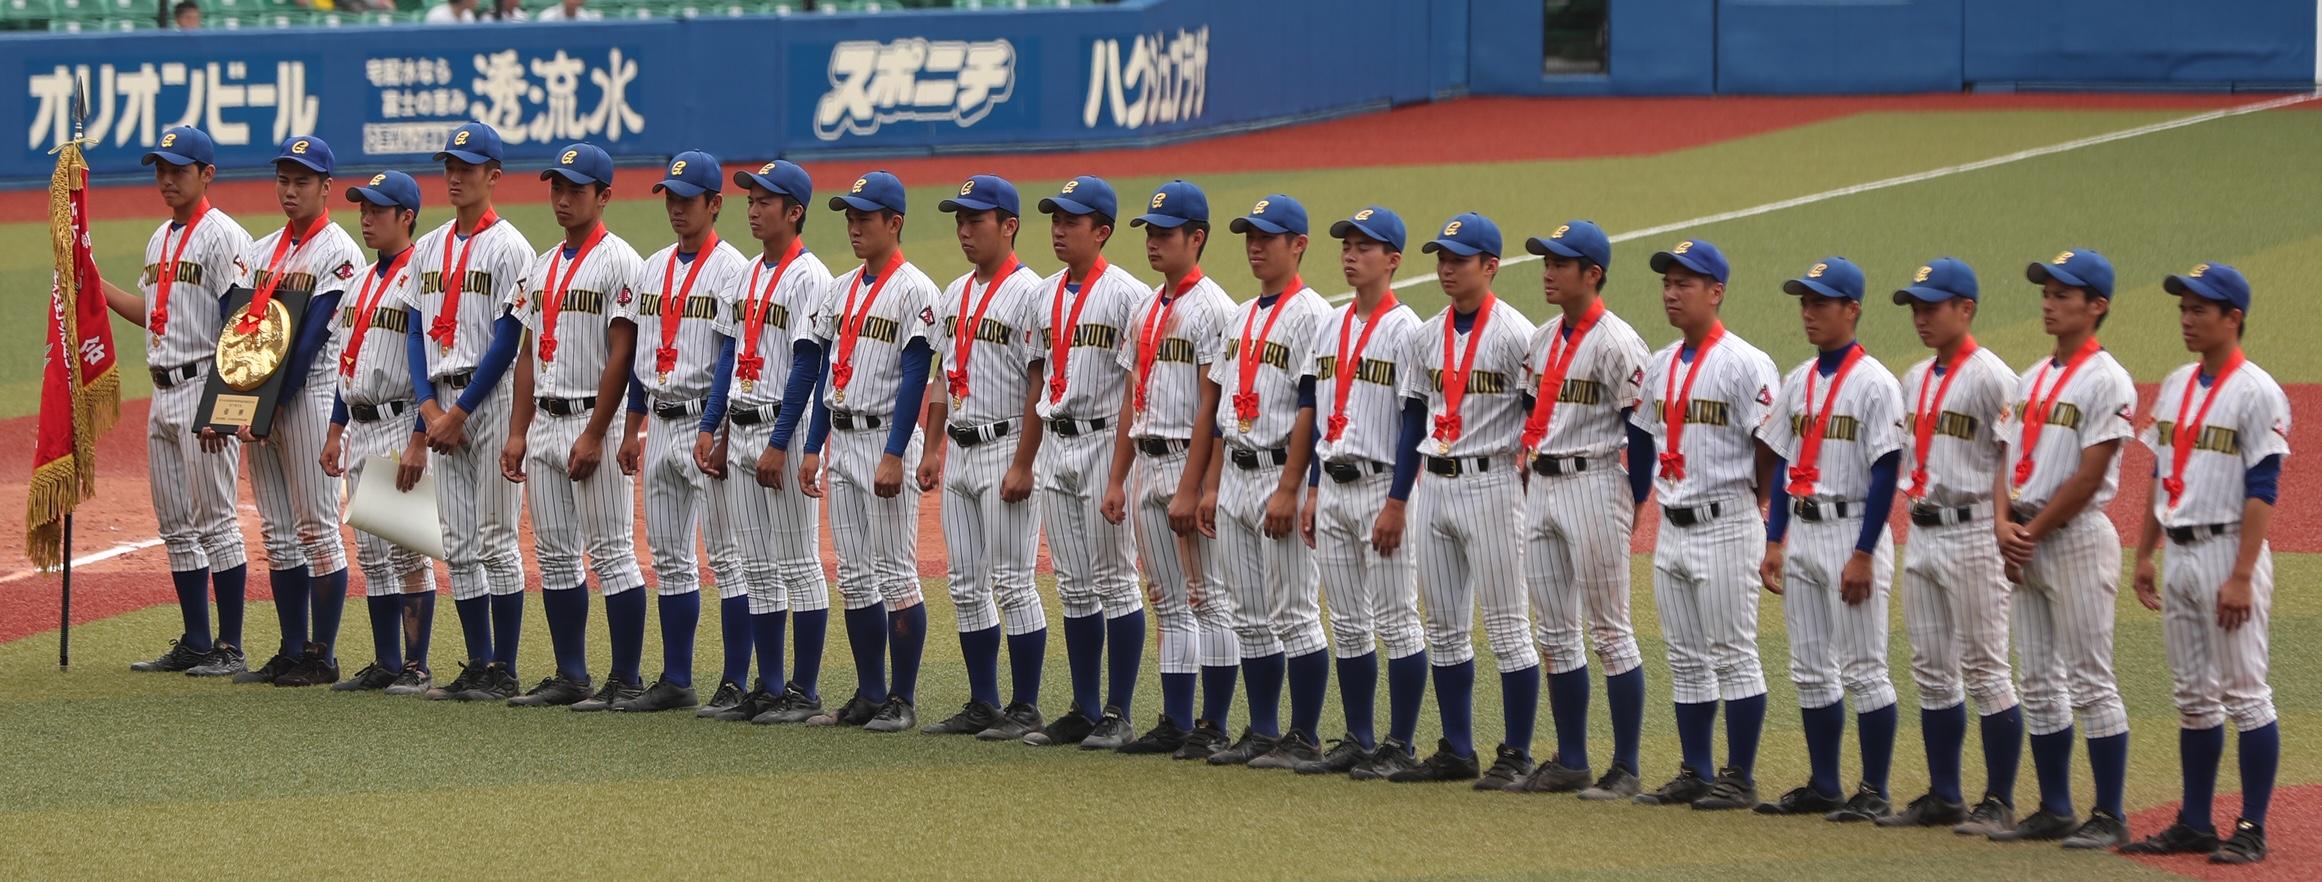 中央学院高校野球部を応援する会